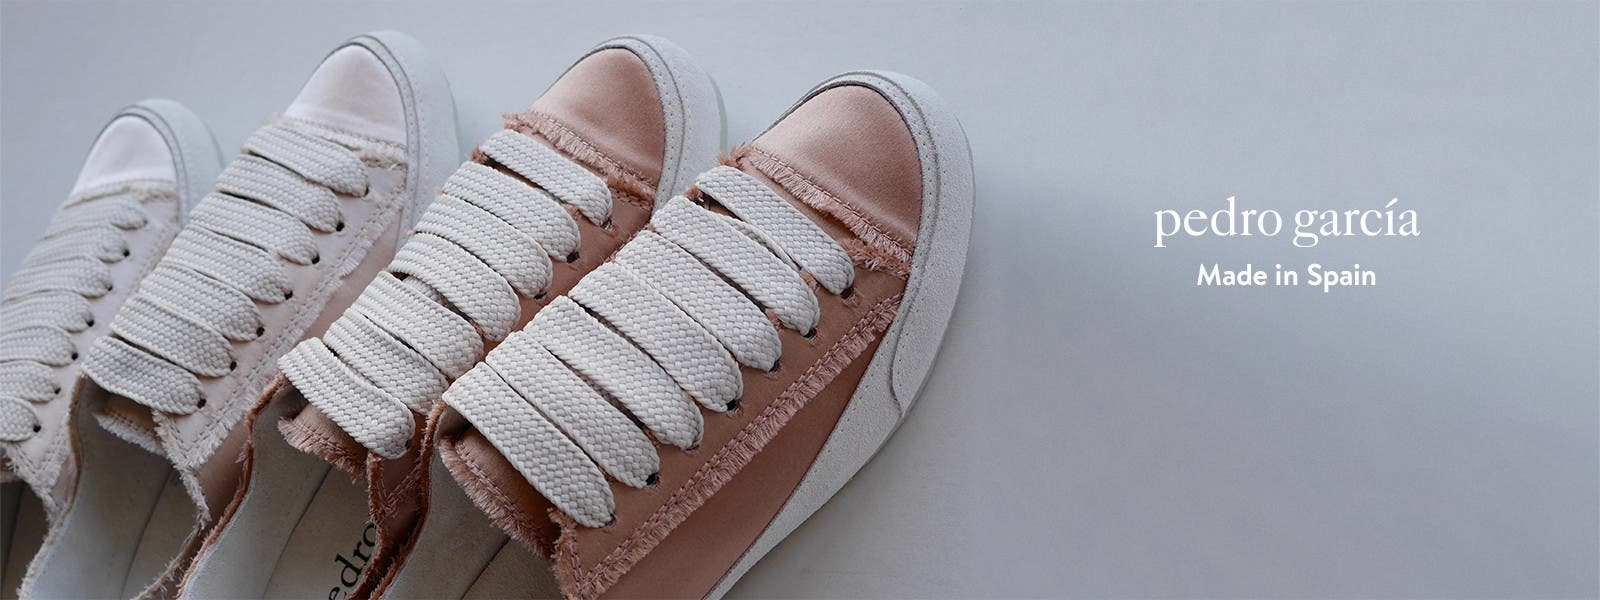 16b6f722b48e Pedro Garcia designer shoes.